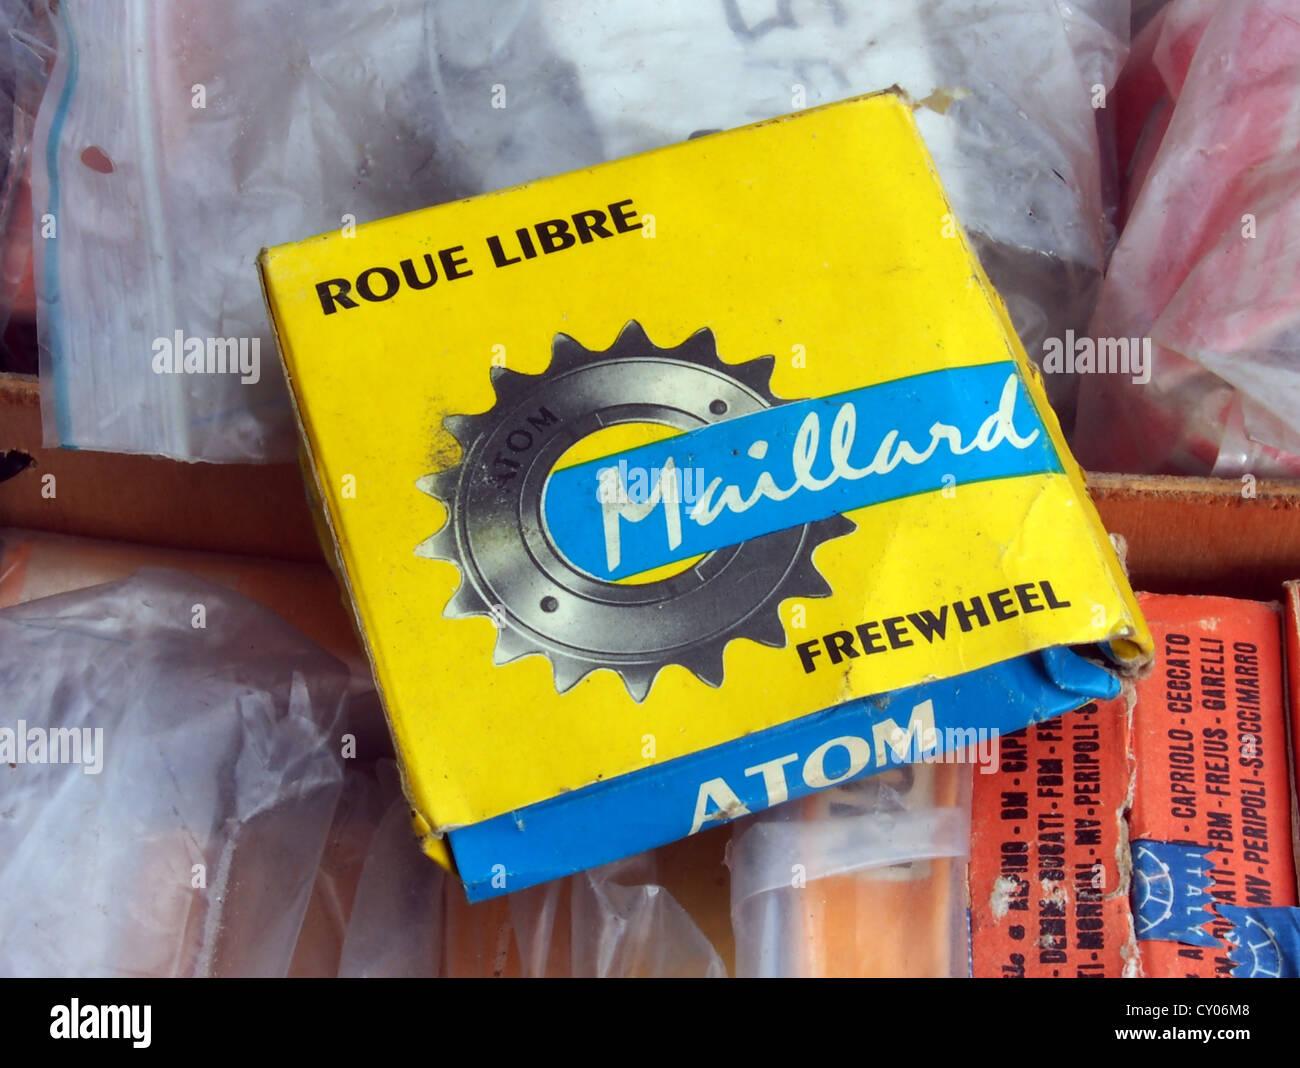 Roue Libre Roue libre Atom Maillard Photo Stock